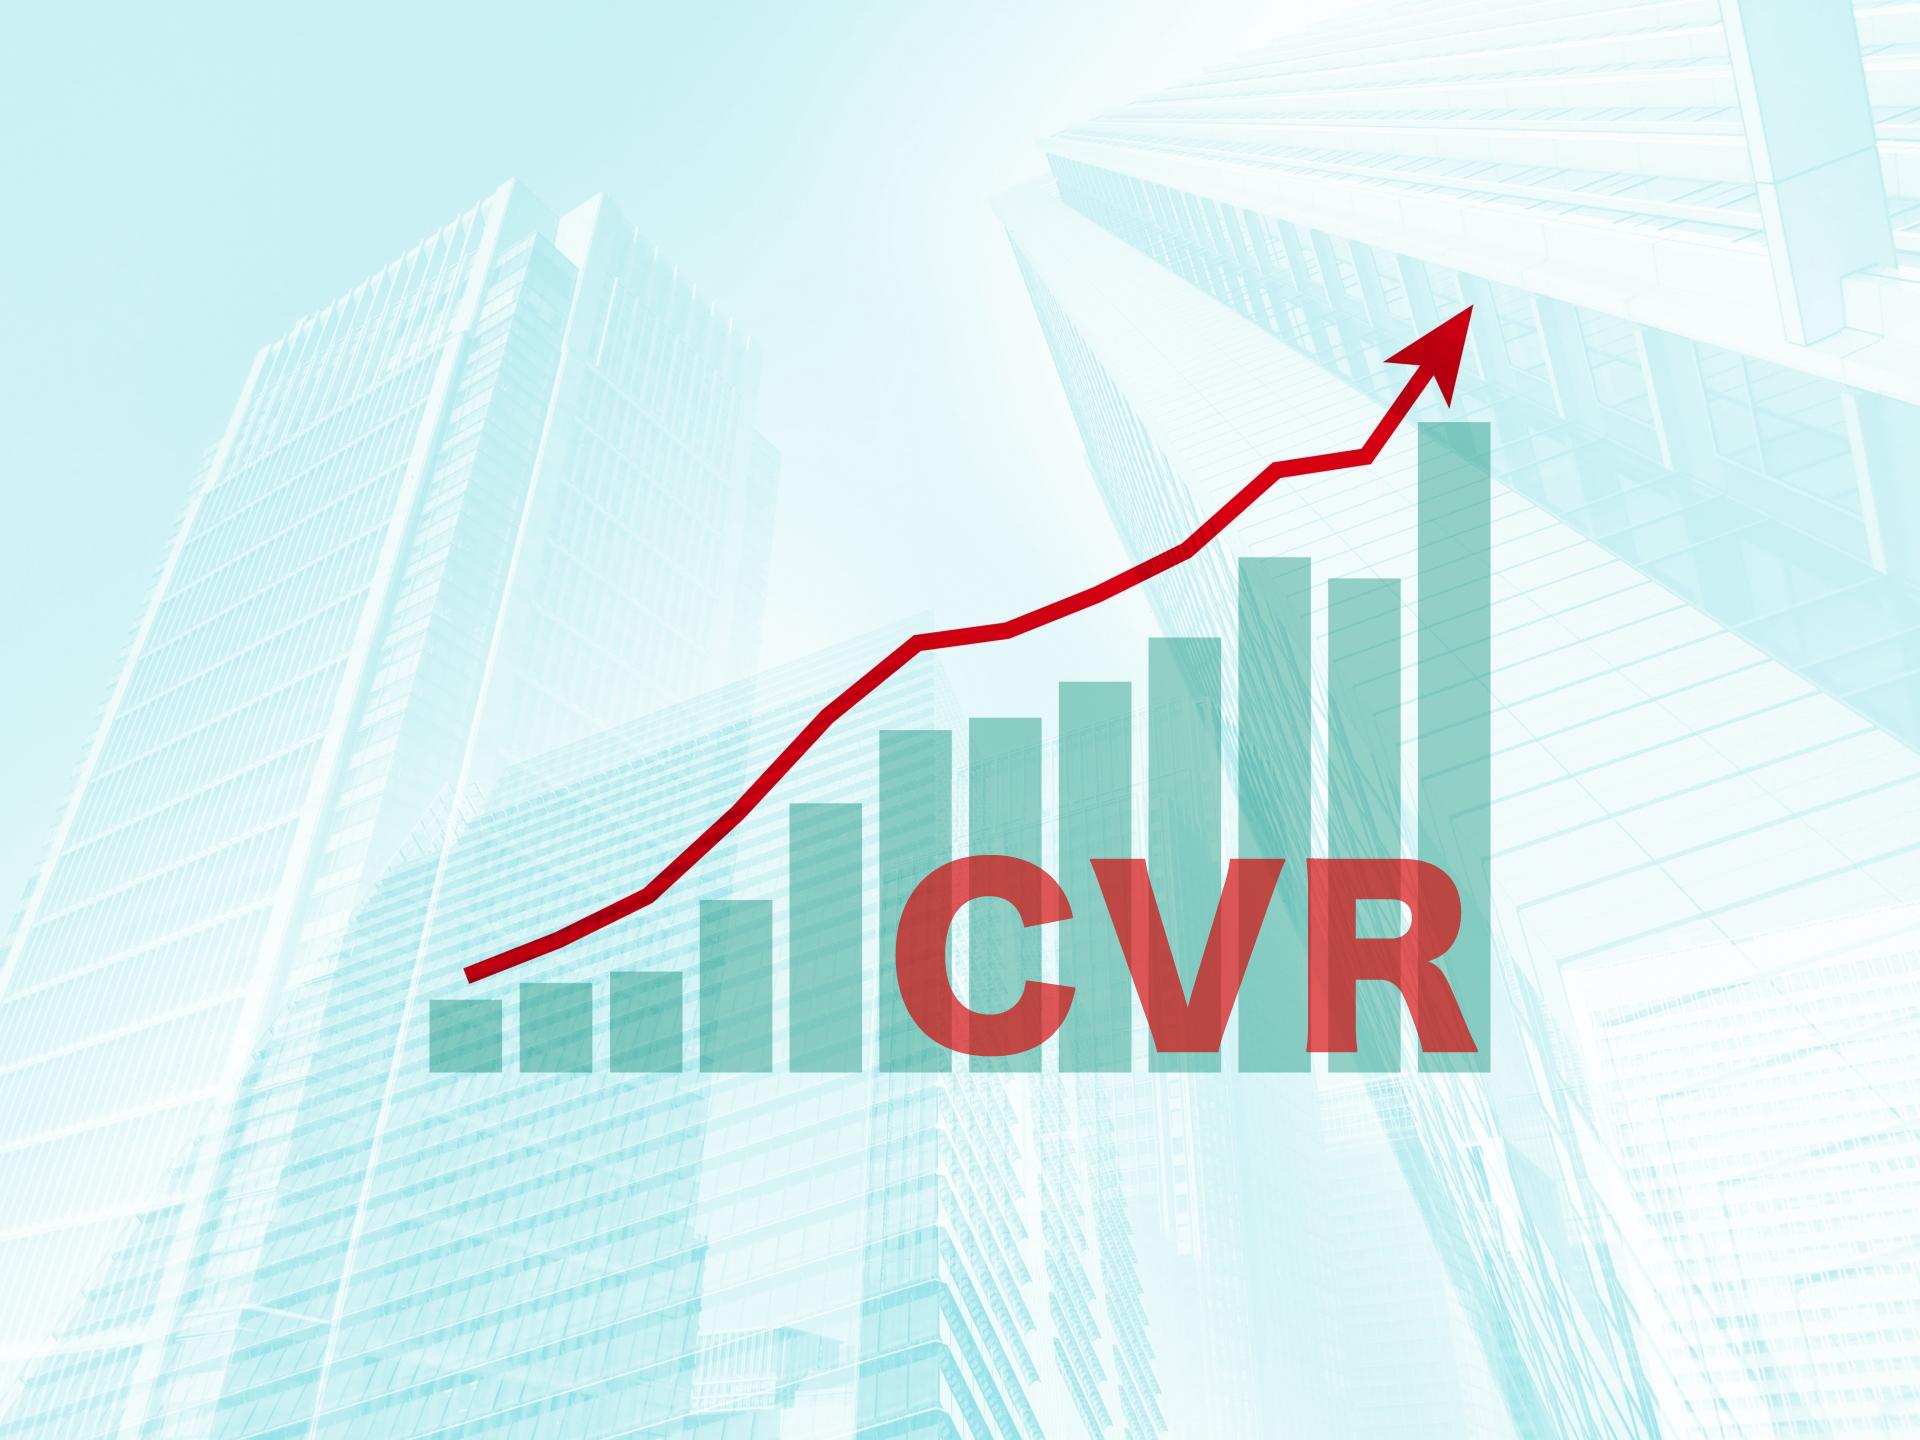 ストラテジックマーケティングがリリースしたCVRを高めるための「ウレウェブ」とは?